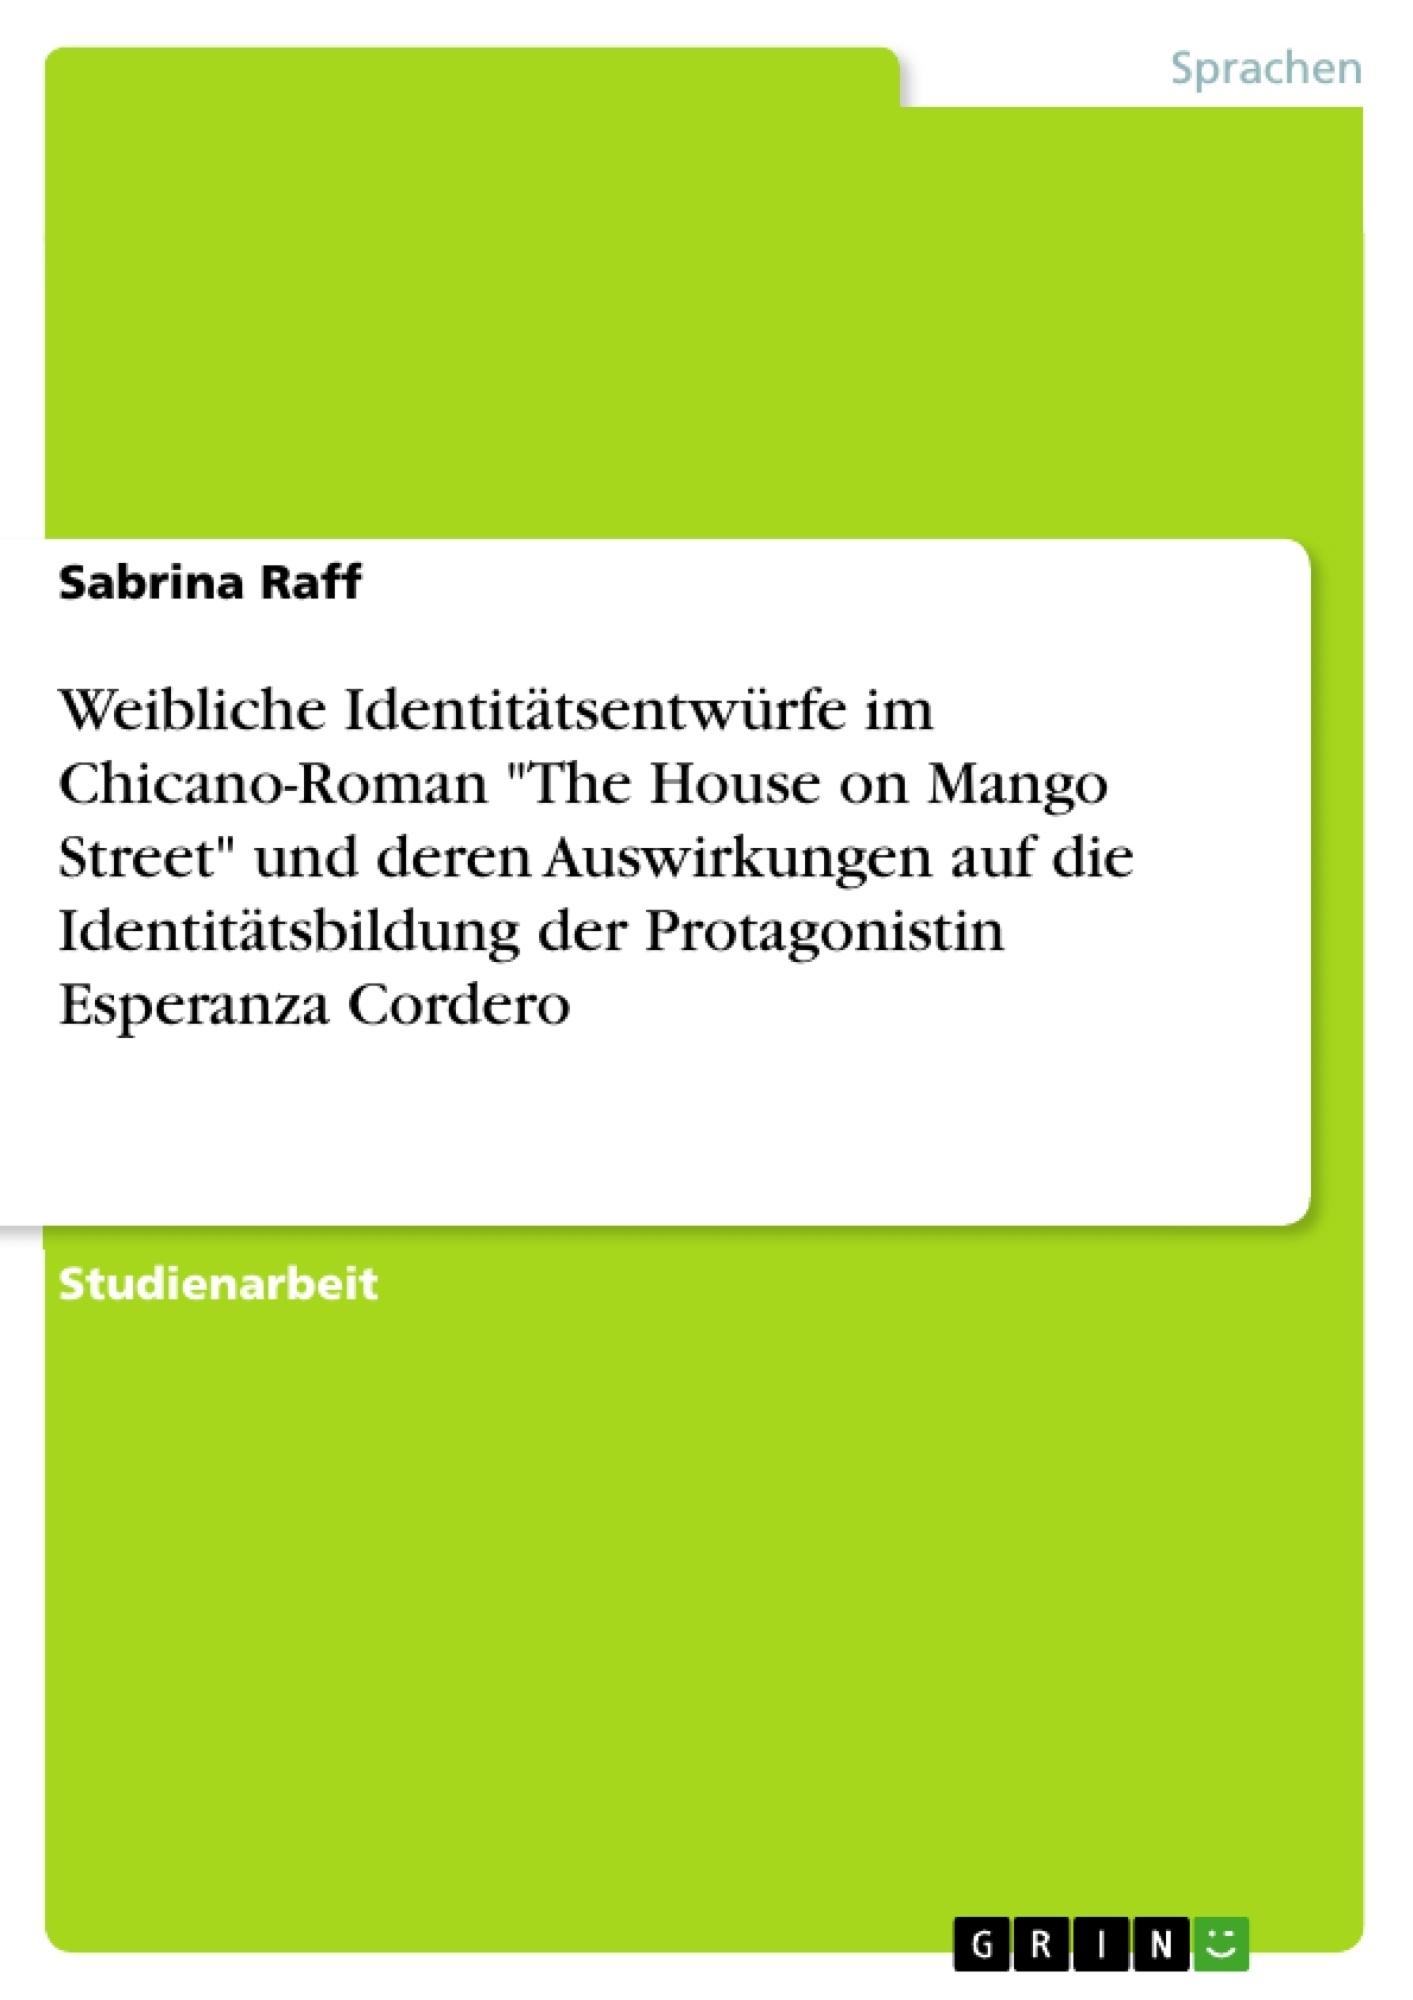 """Titel: Weibliche Identitätsentwürfe im Chicano-Roman """"The House on Mango Street"""" und deren Auswirkungen auf die Identitätsbildung der Protagonistin Esperanza Cordero"""